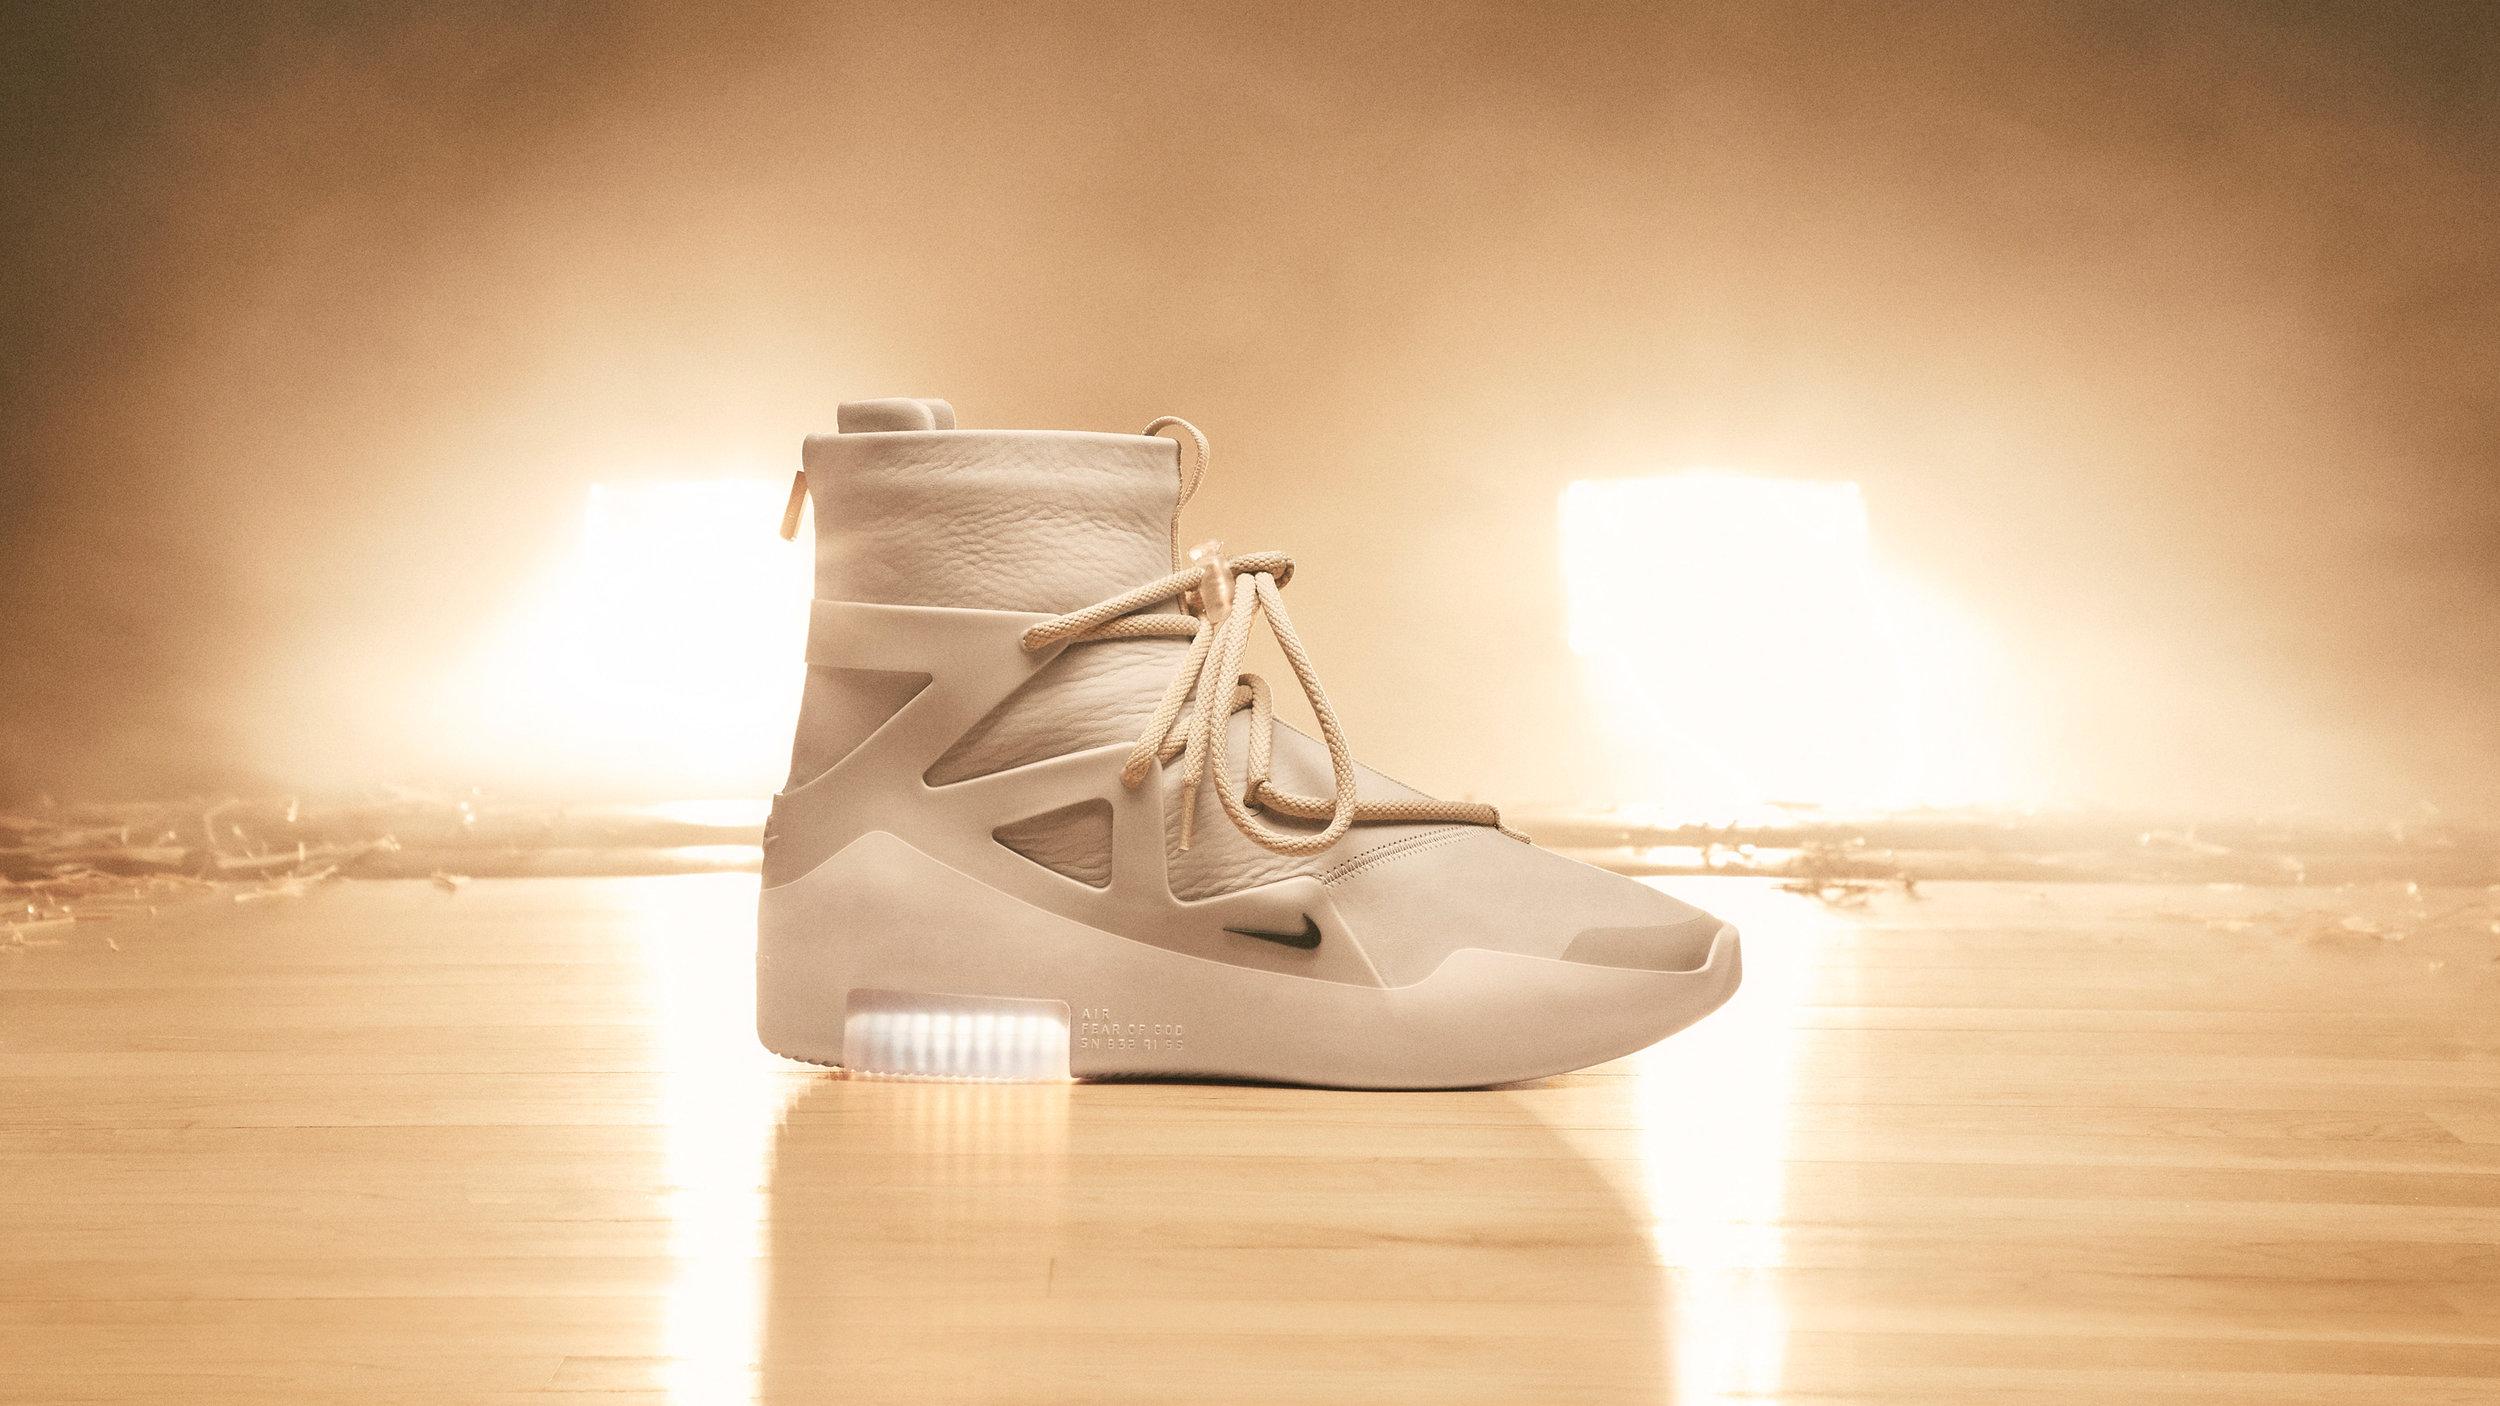 Nike-x-Fear-of-God-15_original.jpg